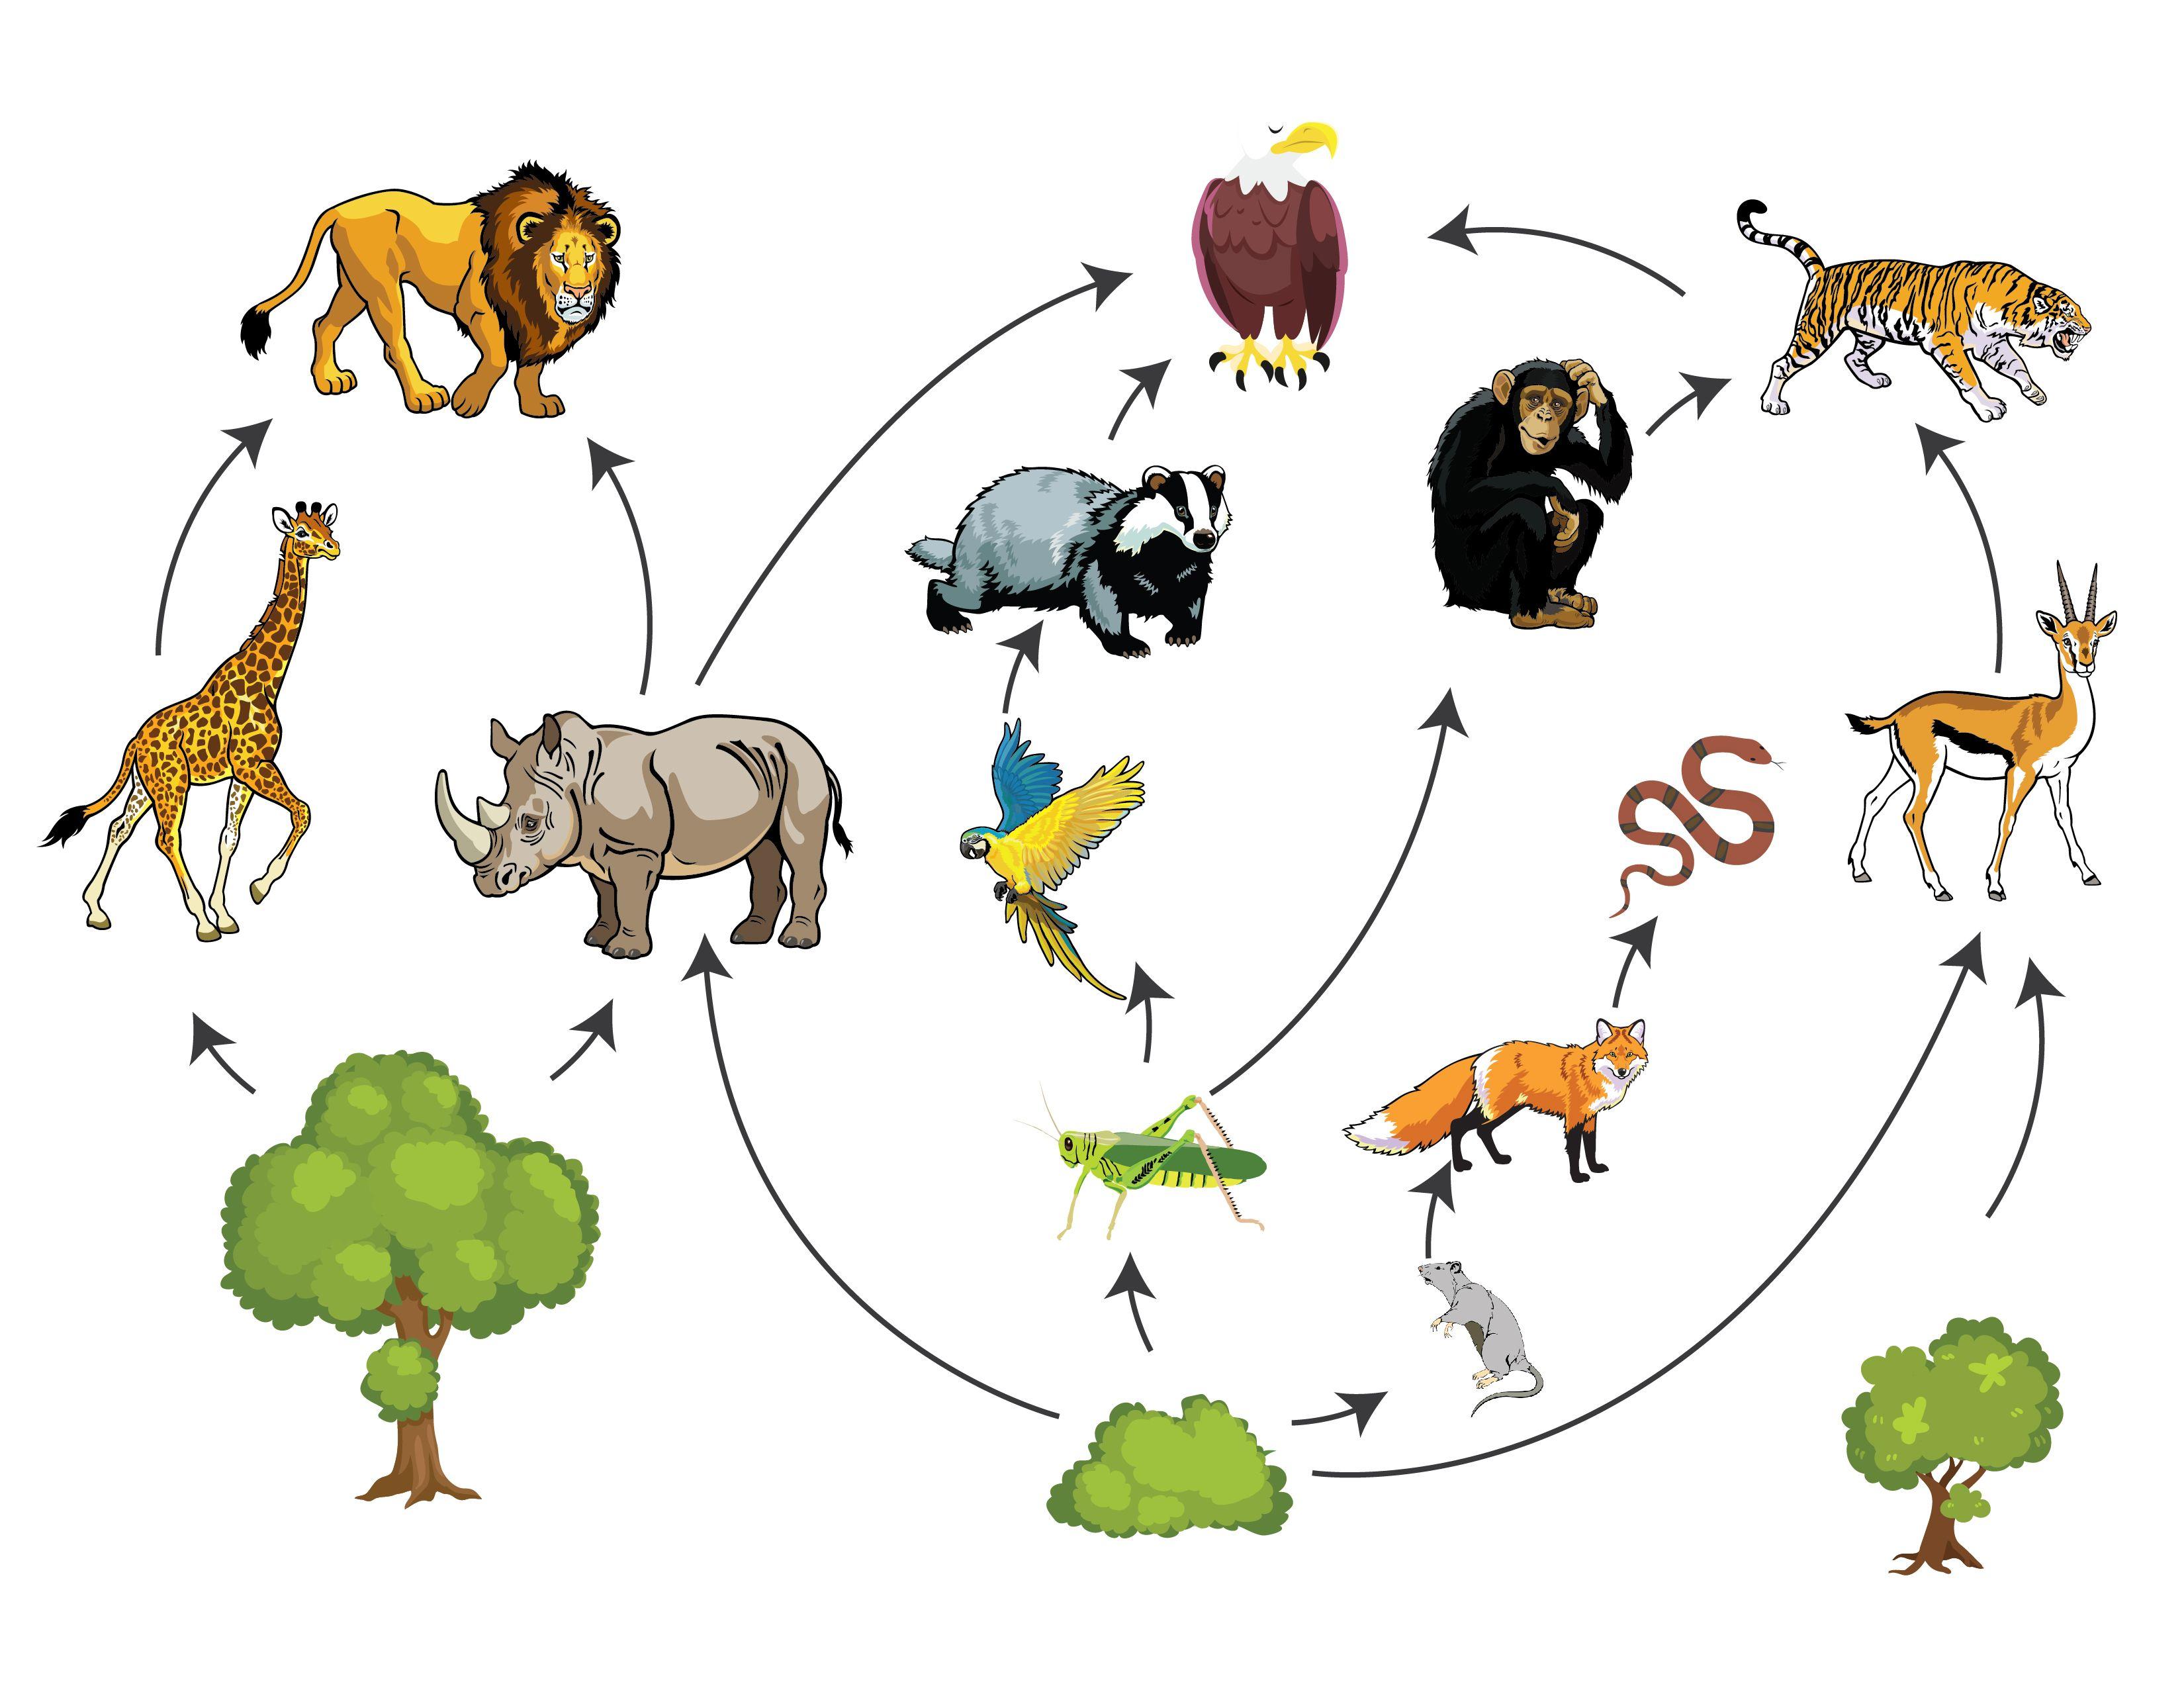 Пищевая цепочка в природе: её виды и значение в экосистеме